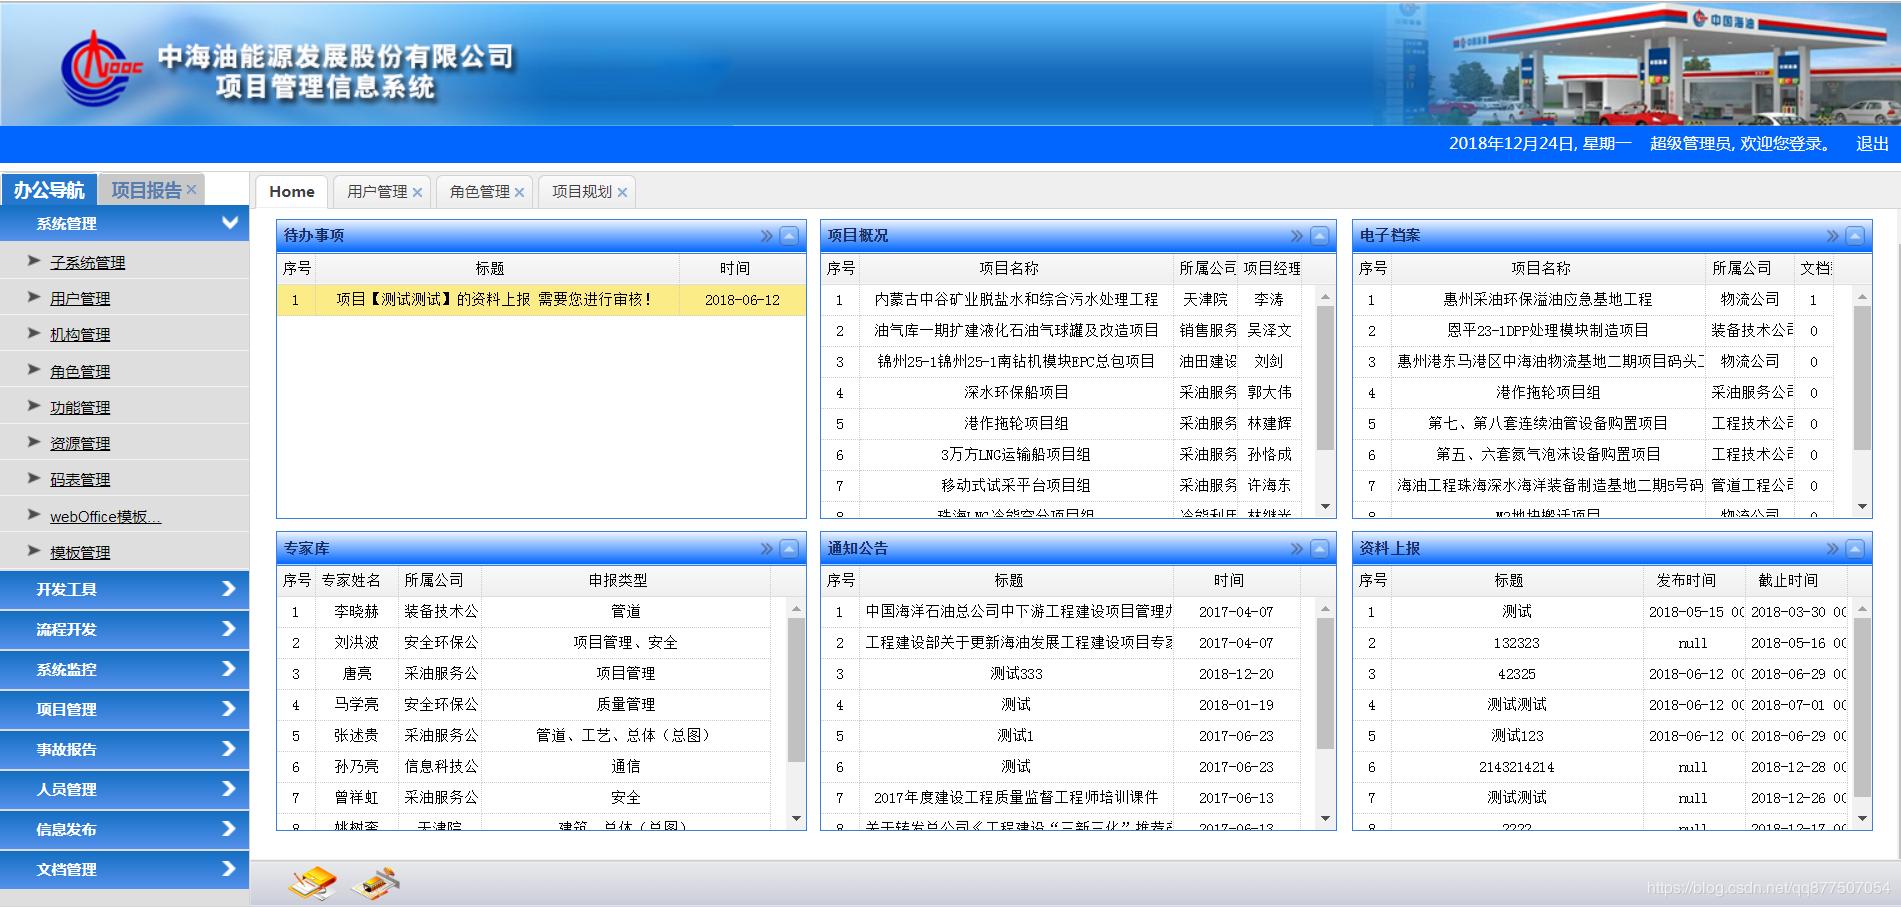 可定制化拖拽型布局的管理类系统首页- 码农教程